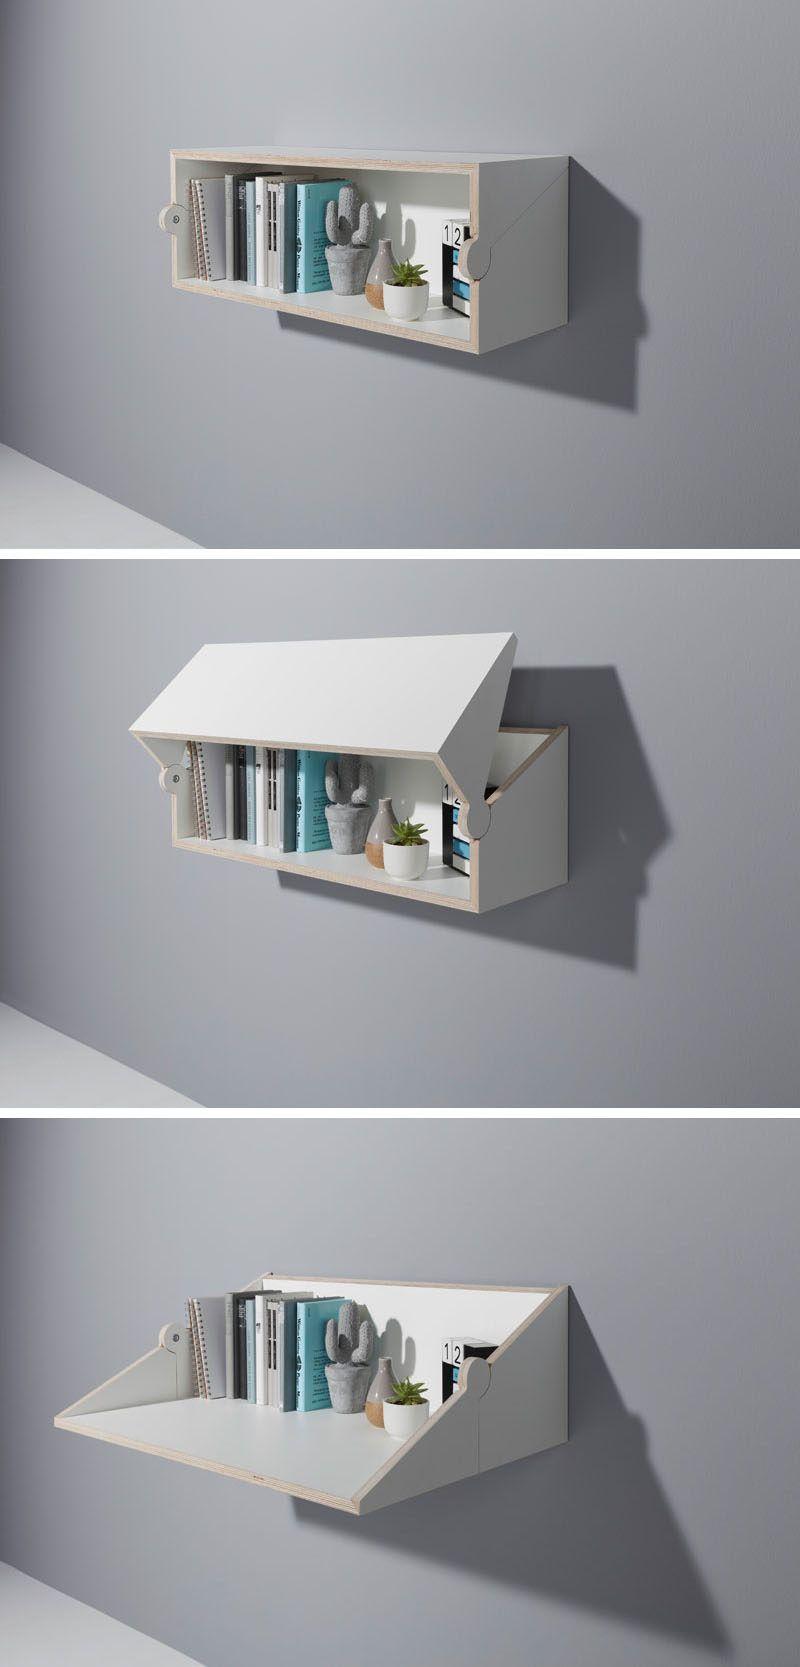 Une Etagere Bureau Parfaite Pour Les Tiny Houses Tiny House France Idees De Meubles Deco Maison Rangement Maison